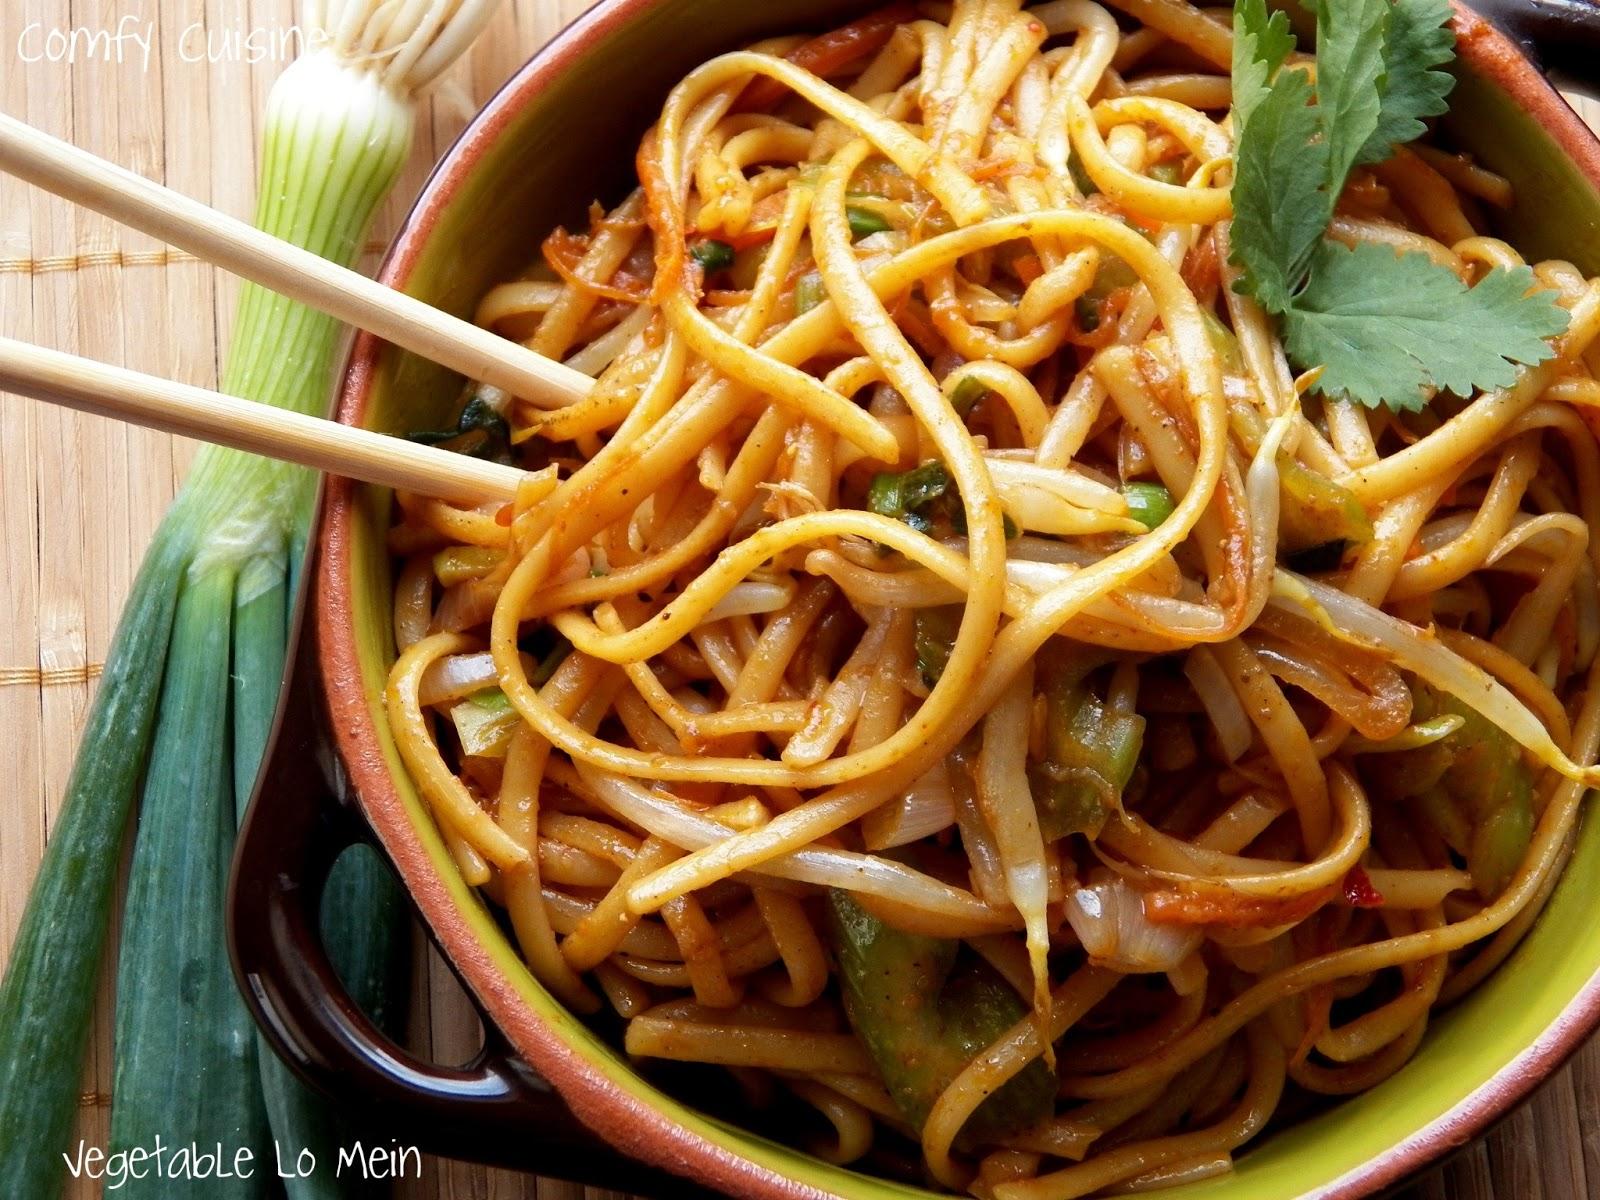 vegetable lo mein 1 2 lb lo mein noodles or